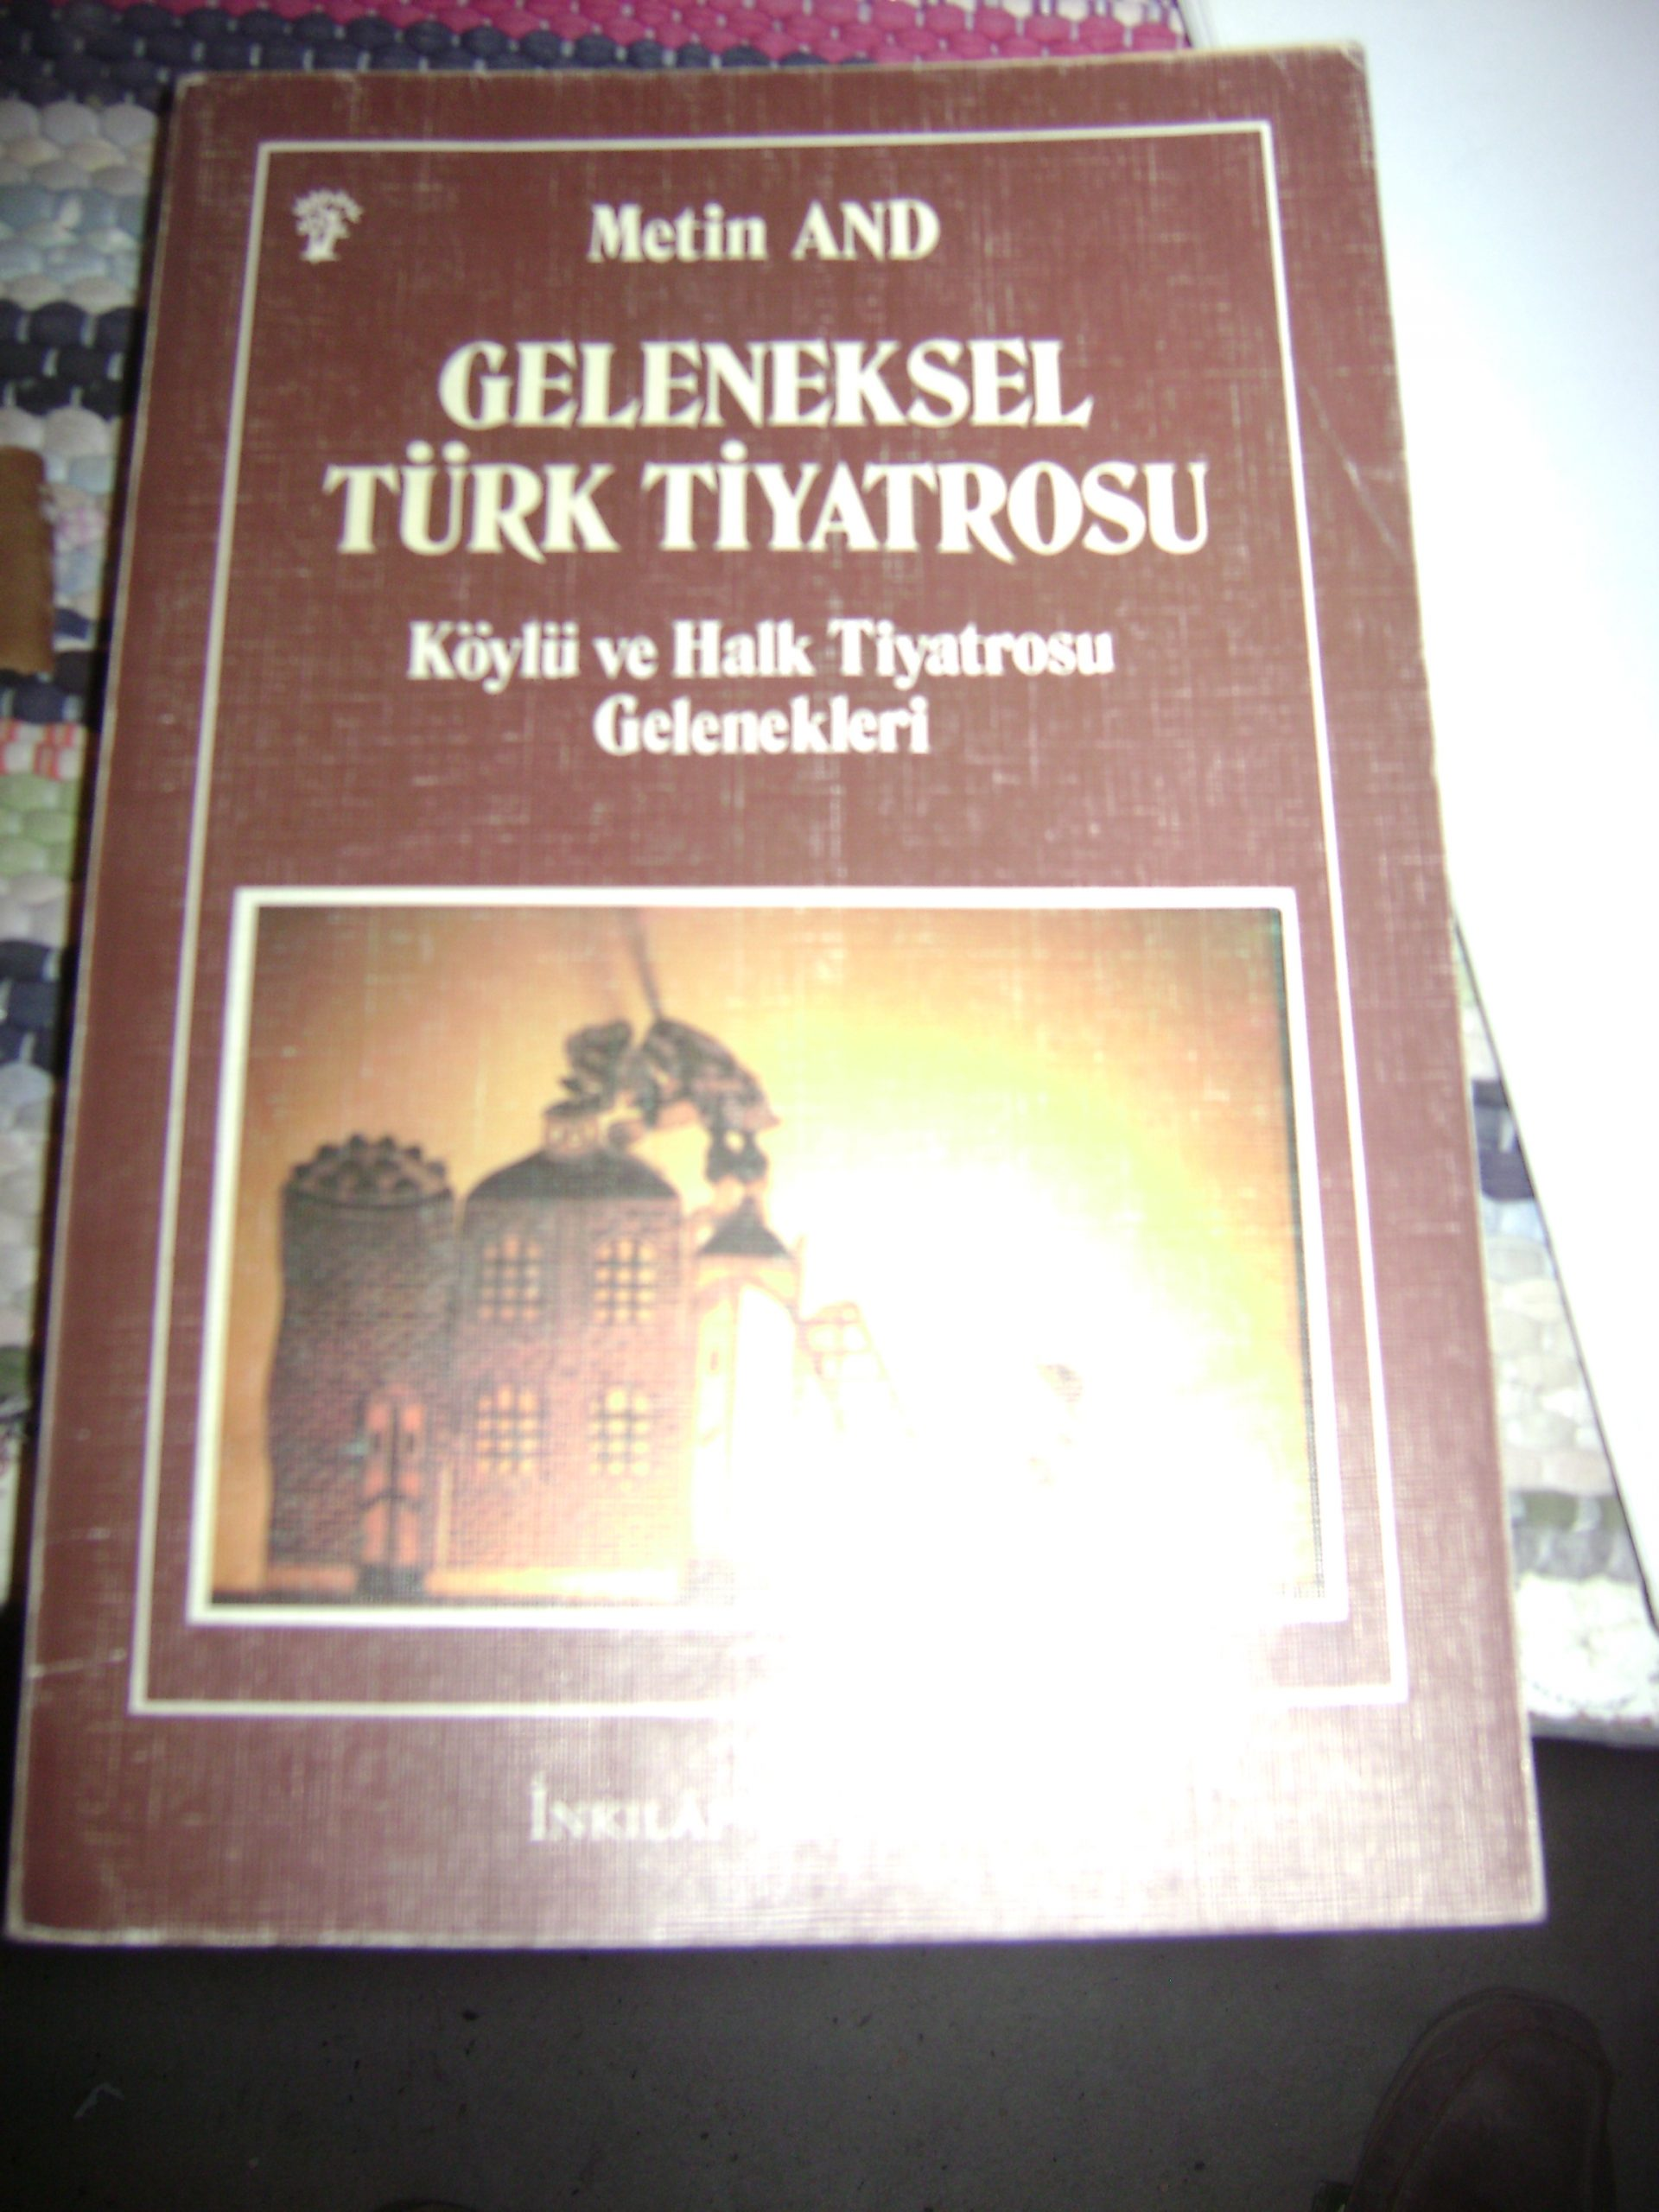 GELENEKSEL TÜRK TİYATROSU/Metin AND/İnkılap Kitabevi/15 TL(satıldı)